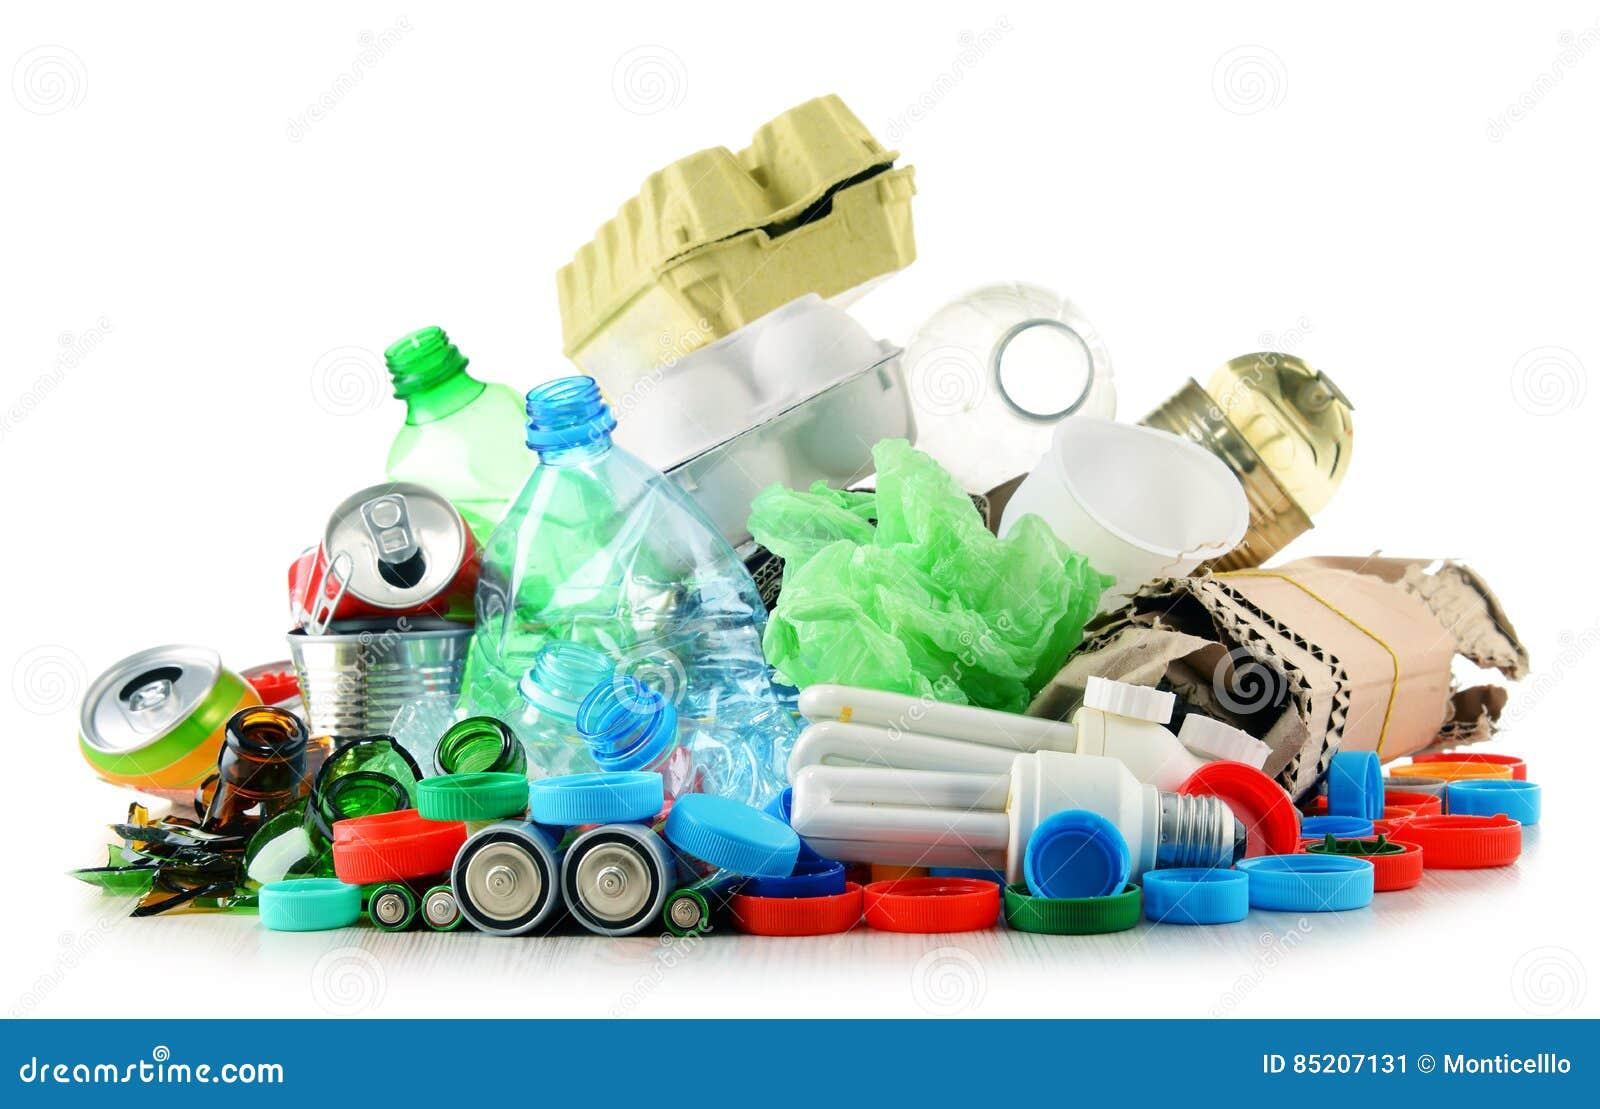 Recyclebarer Abfall, der Glas, Plastik, Metall und aus Papier besteht